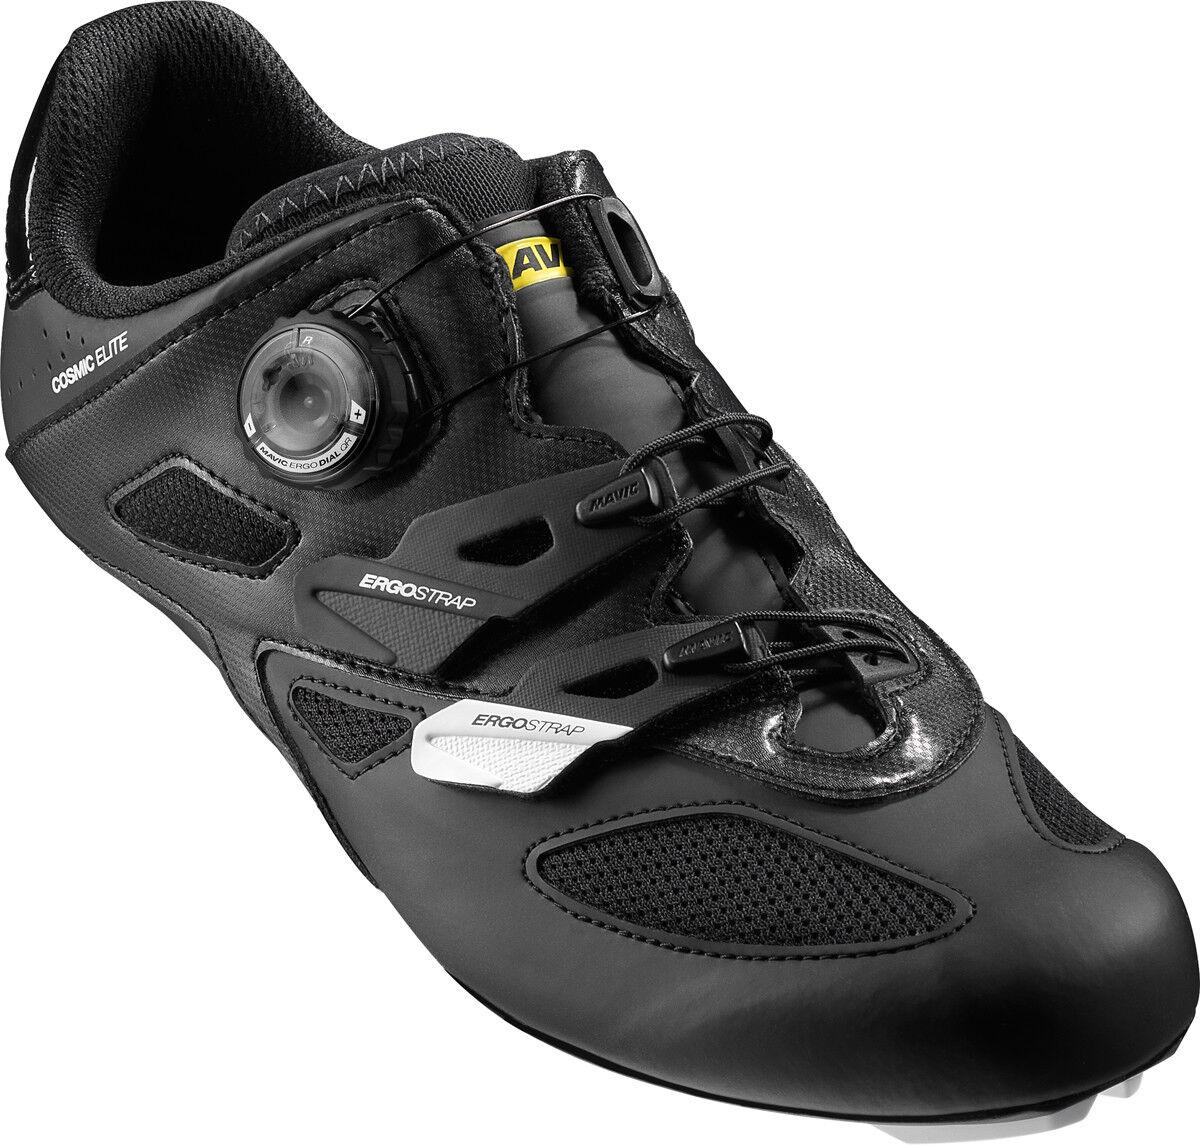 Mavic Cosmic Elite Rennrad Fahrrad Schuhe weiß schwarz 2019